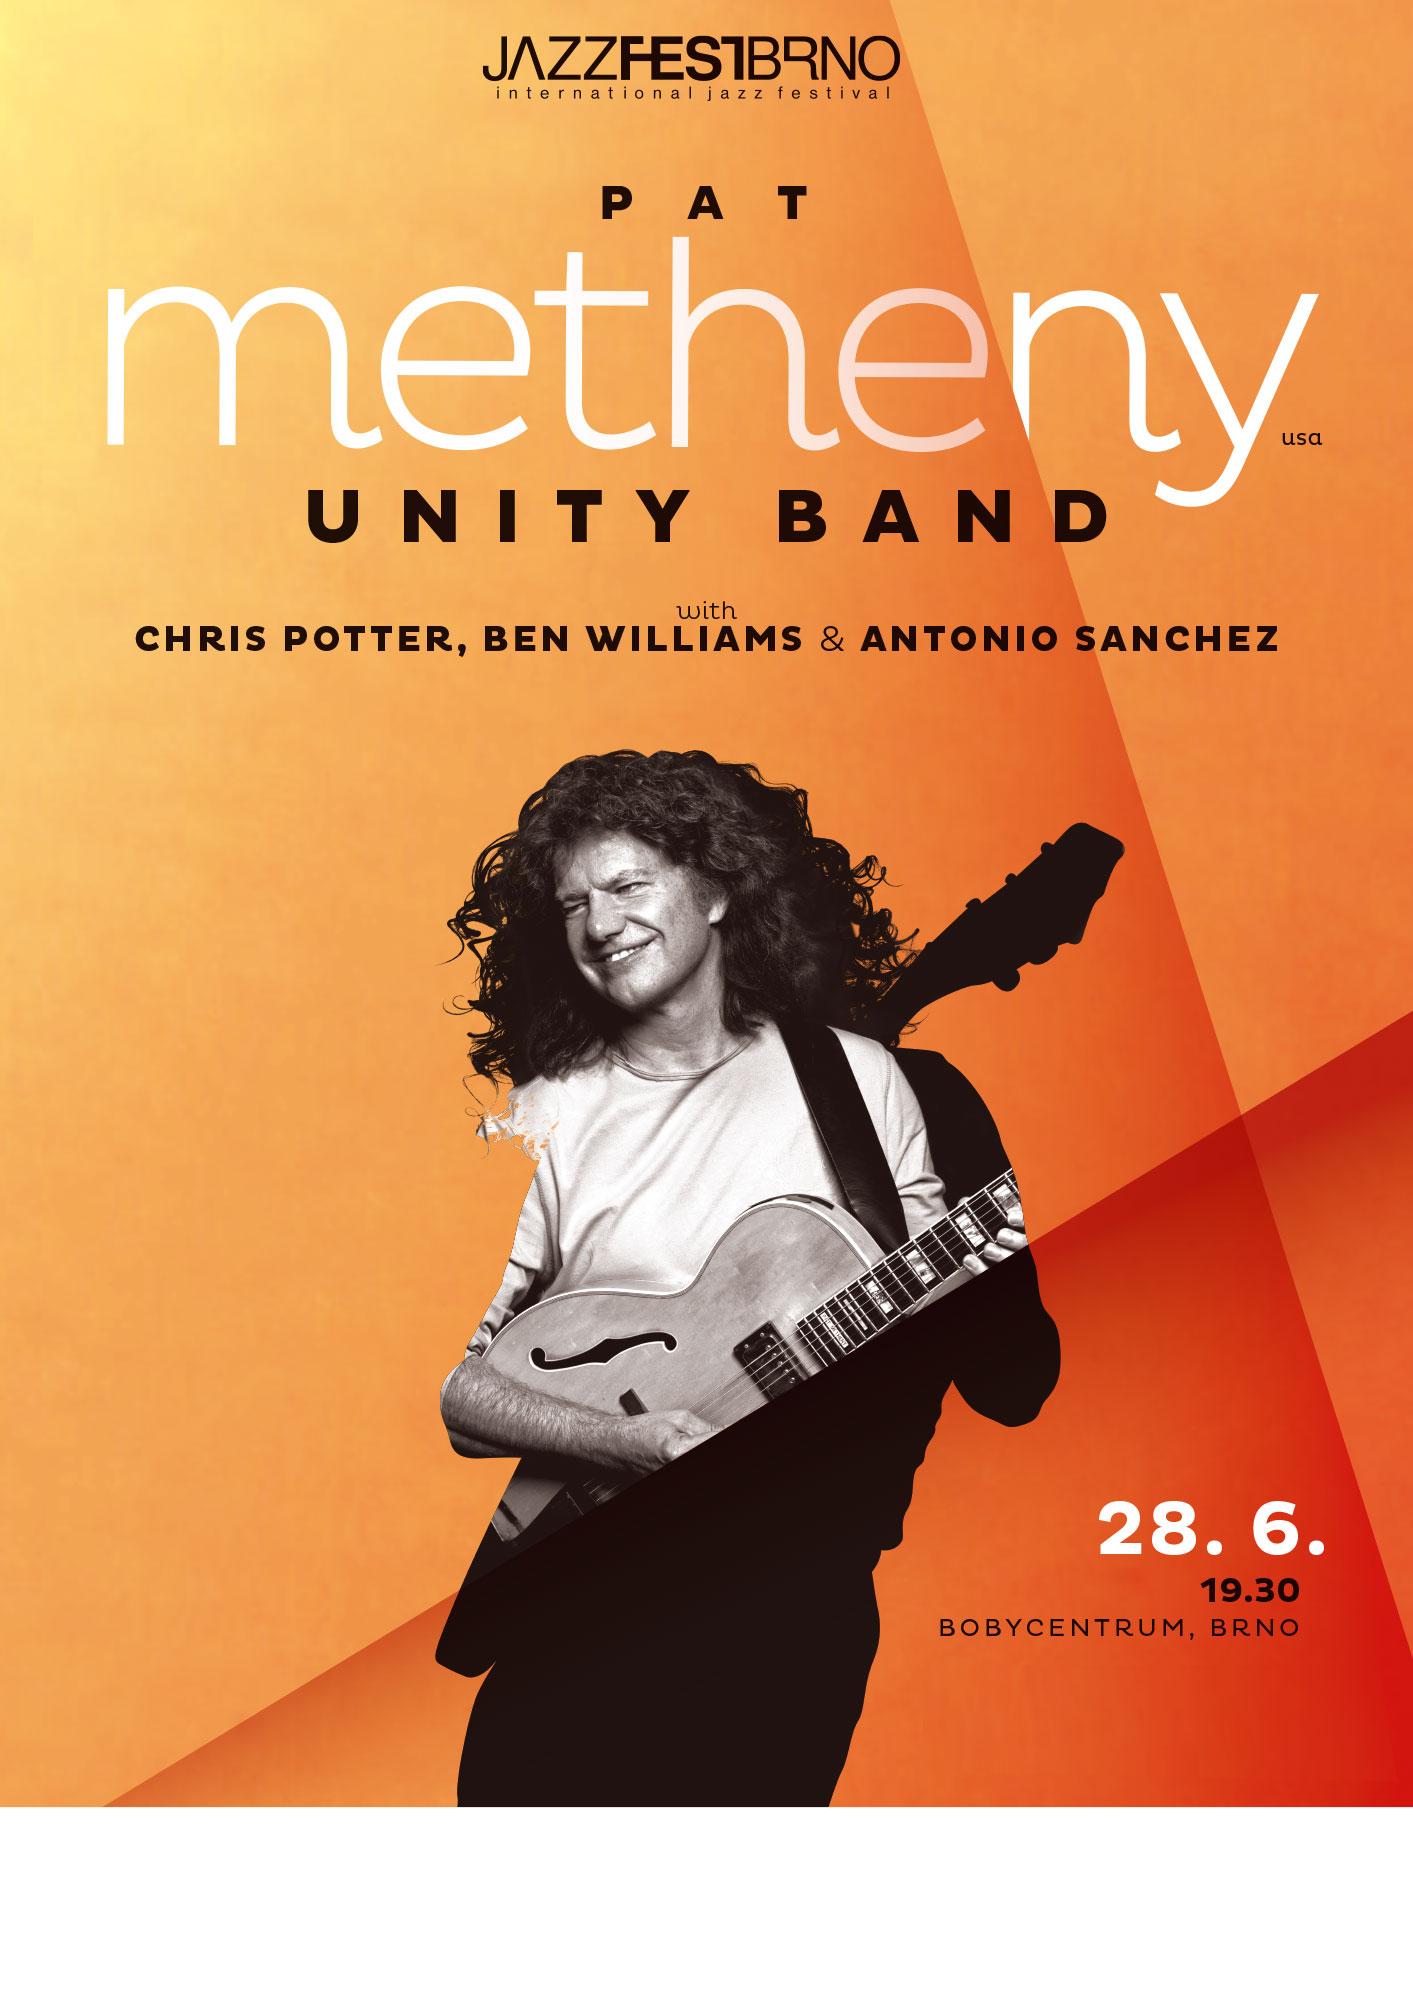 JazzFestBrno 2012 – Pat Metheny